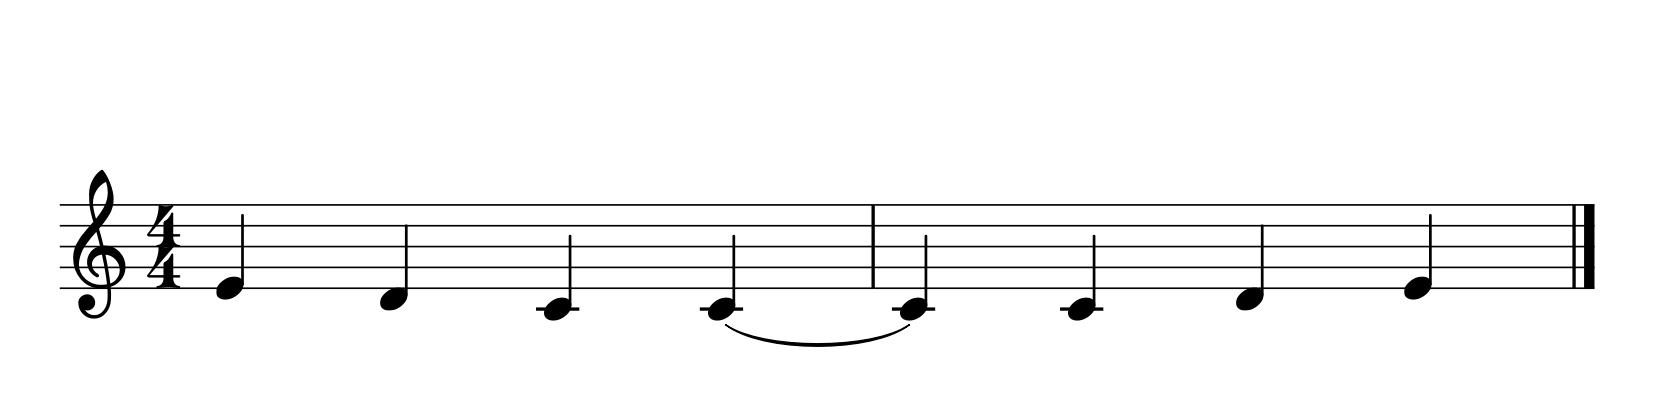 tie-1